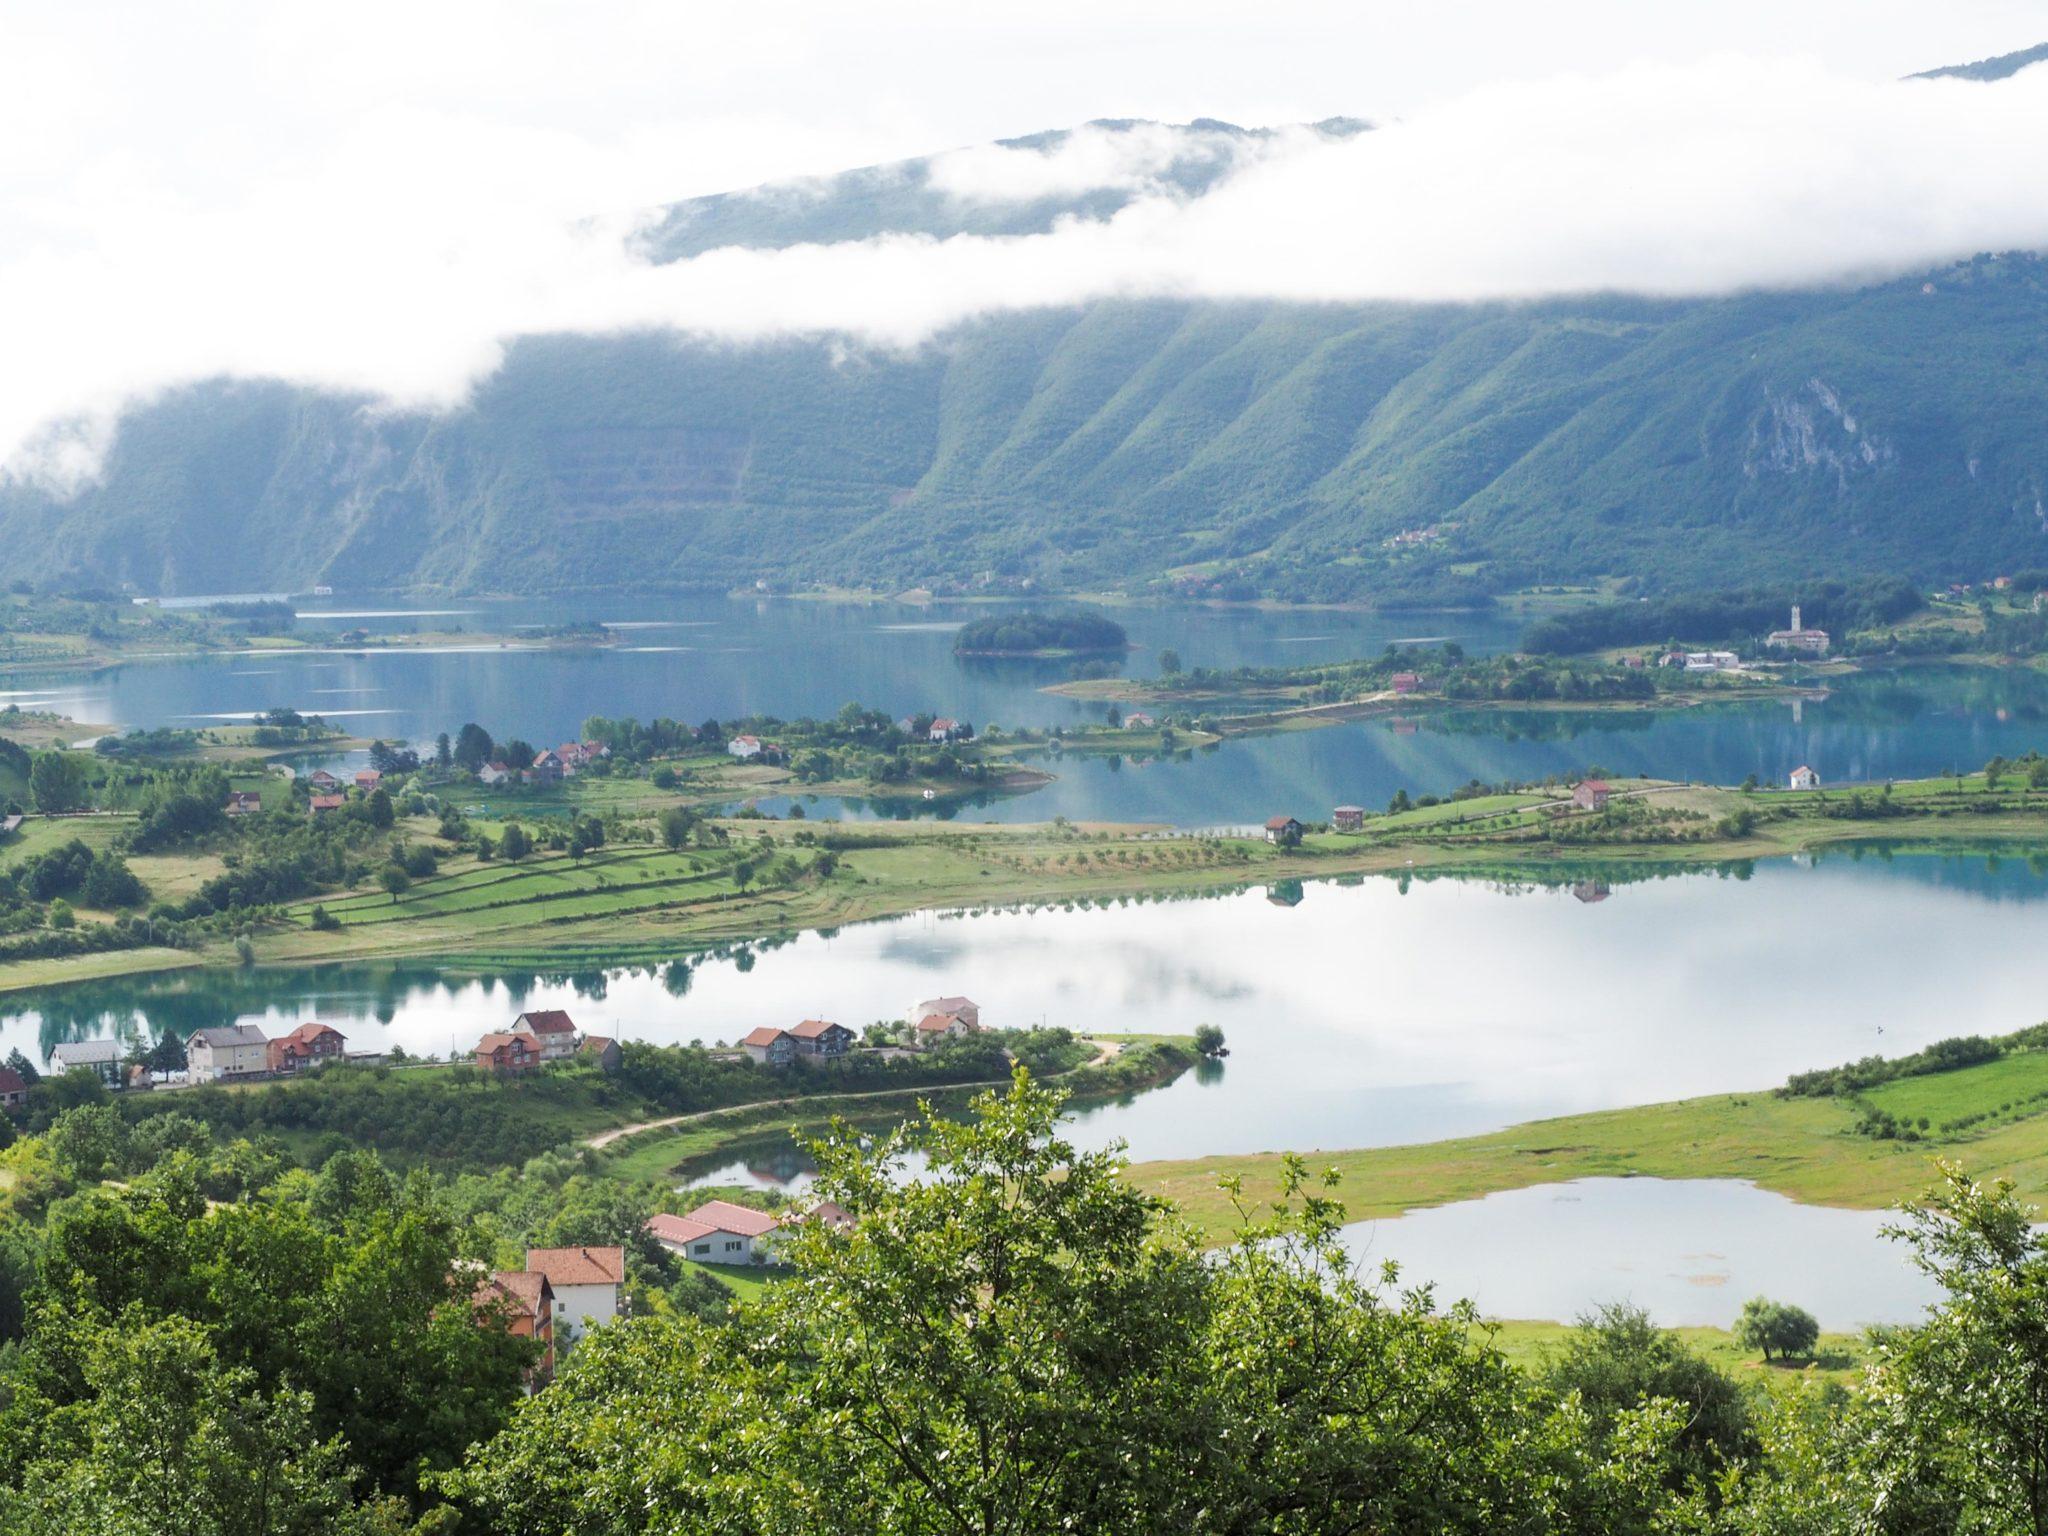 Réveil spectaculaire à Ramsko Jezero, le lac de Rama en Bosnie-Herzégovine - Un été nomade en Bosnie - Voyages et Vagabondages, le blog du voyage en solo et au féminin